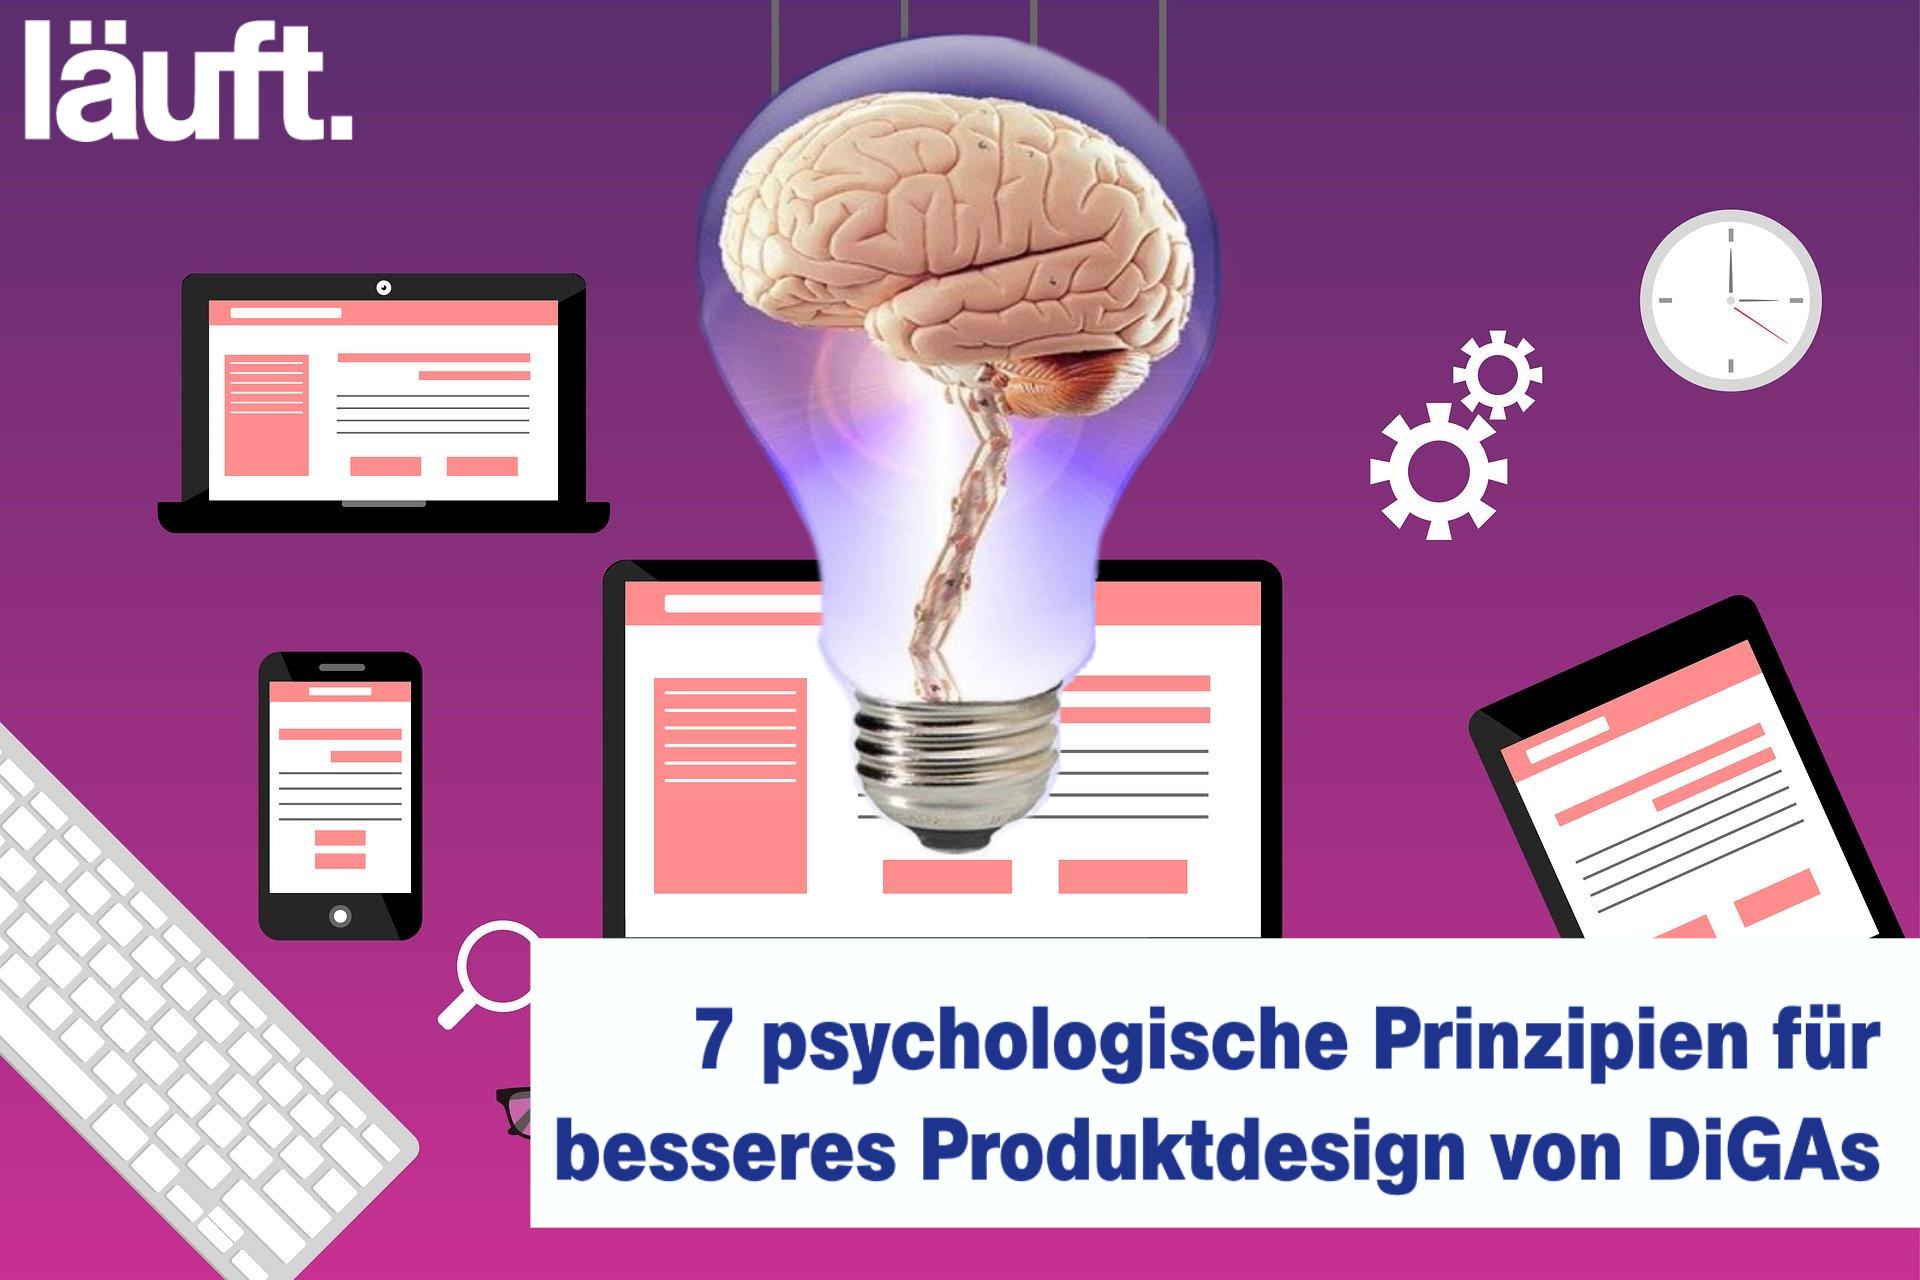 7 psychologische Prinzipien für das Produktdesign von DiGAs